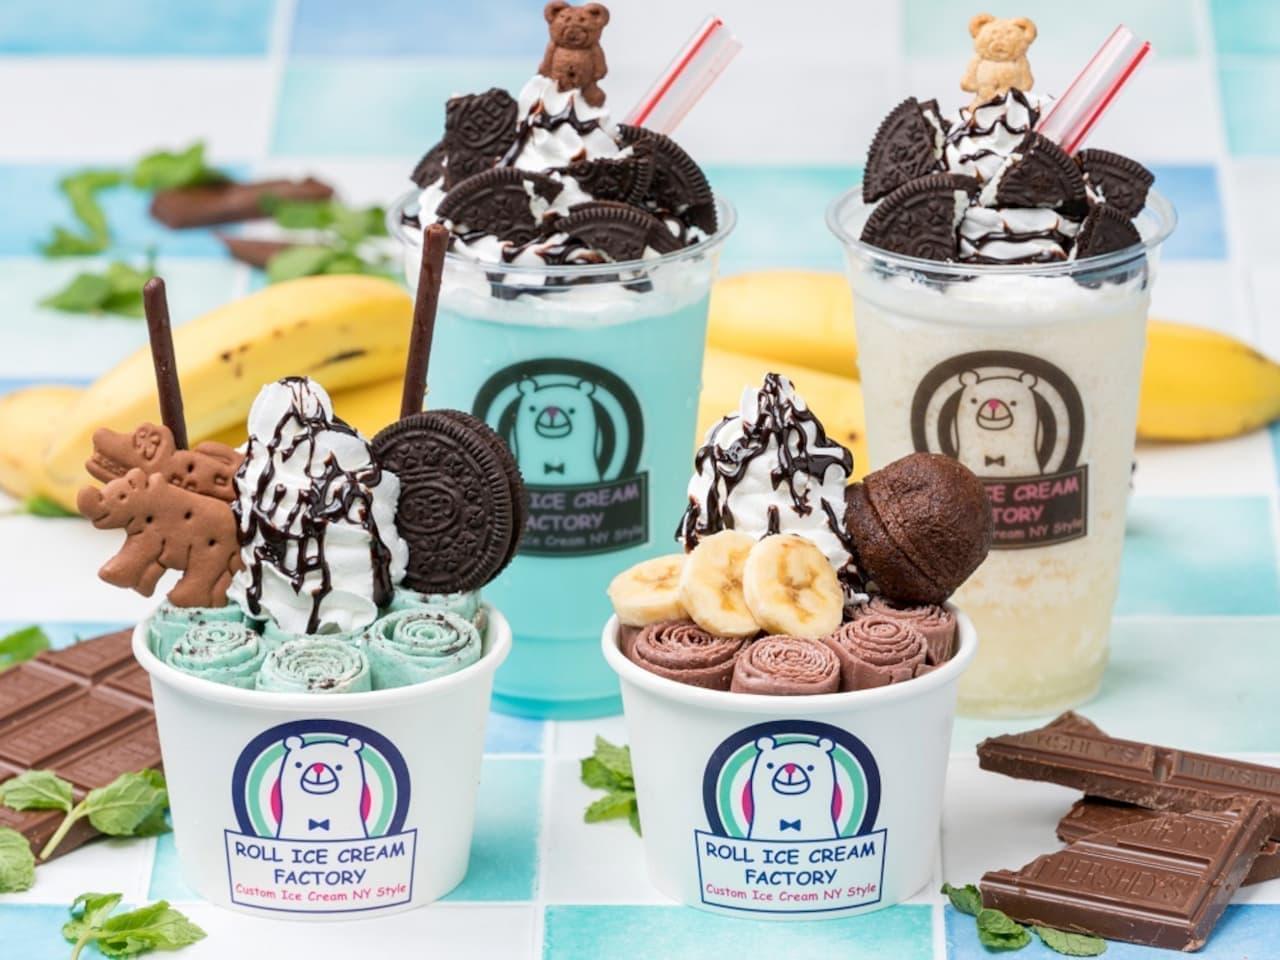 ロールアイスクリームファクトリーに「チョコミントスムージー」「チョコバナナスムージー」